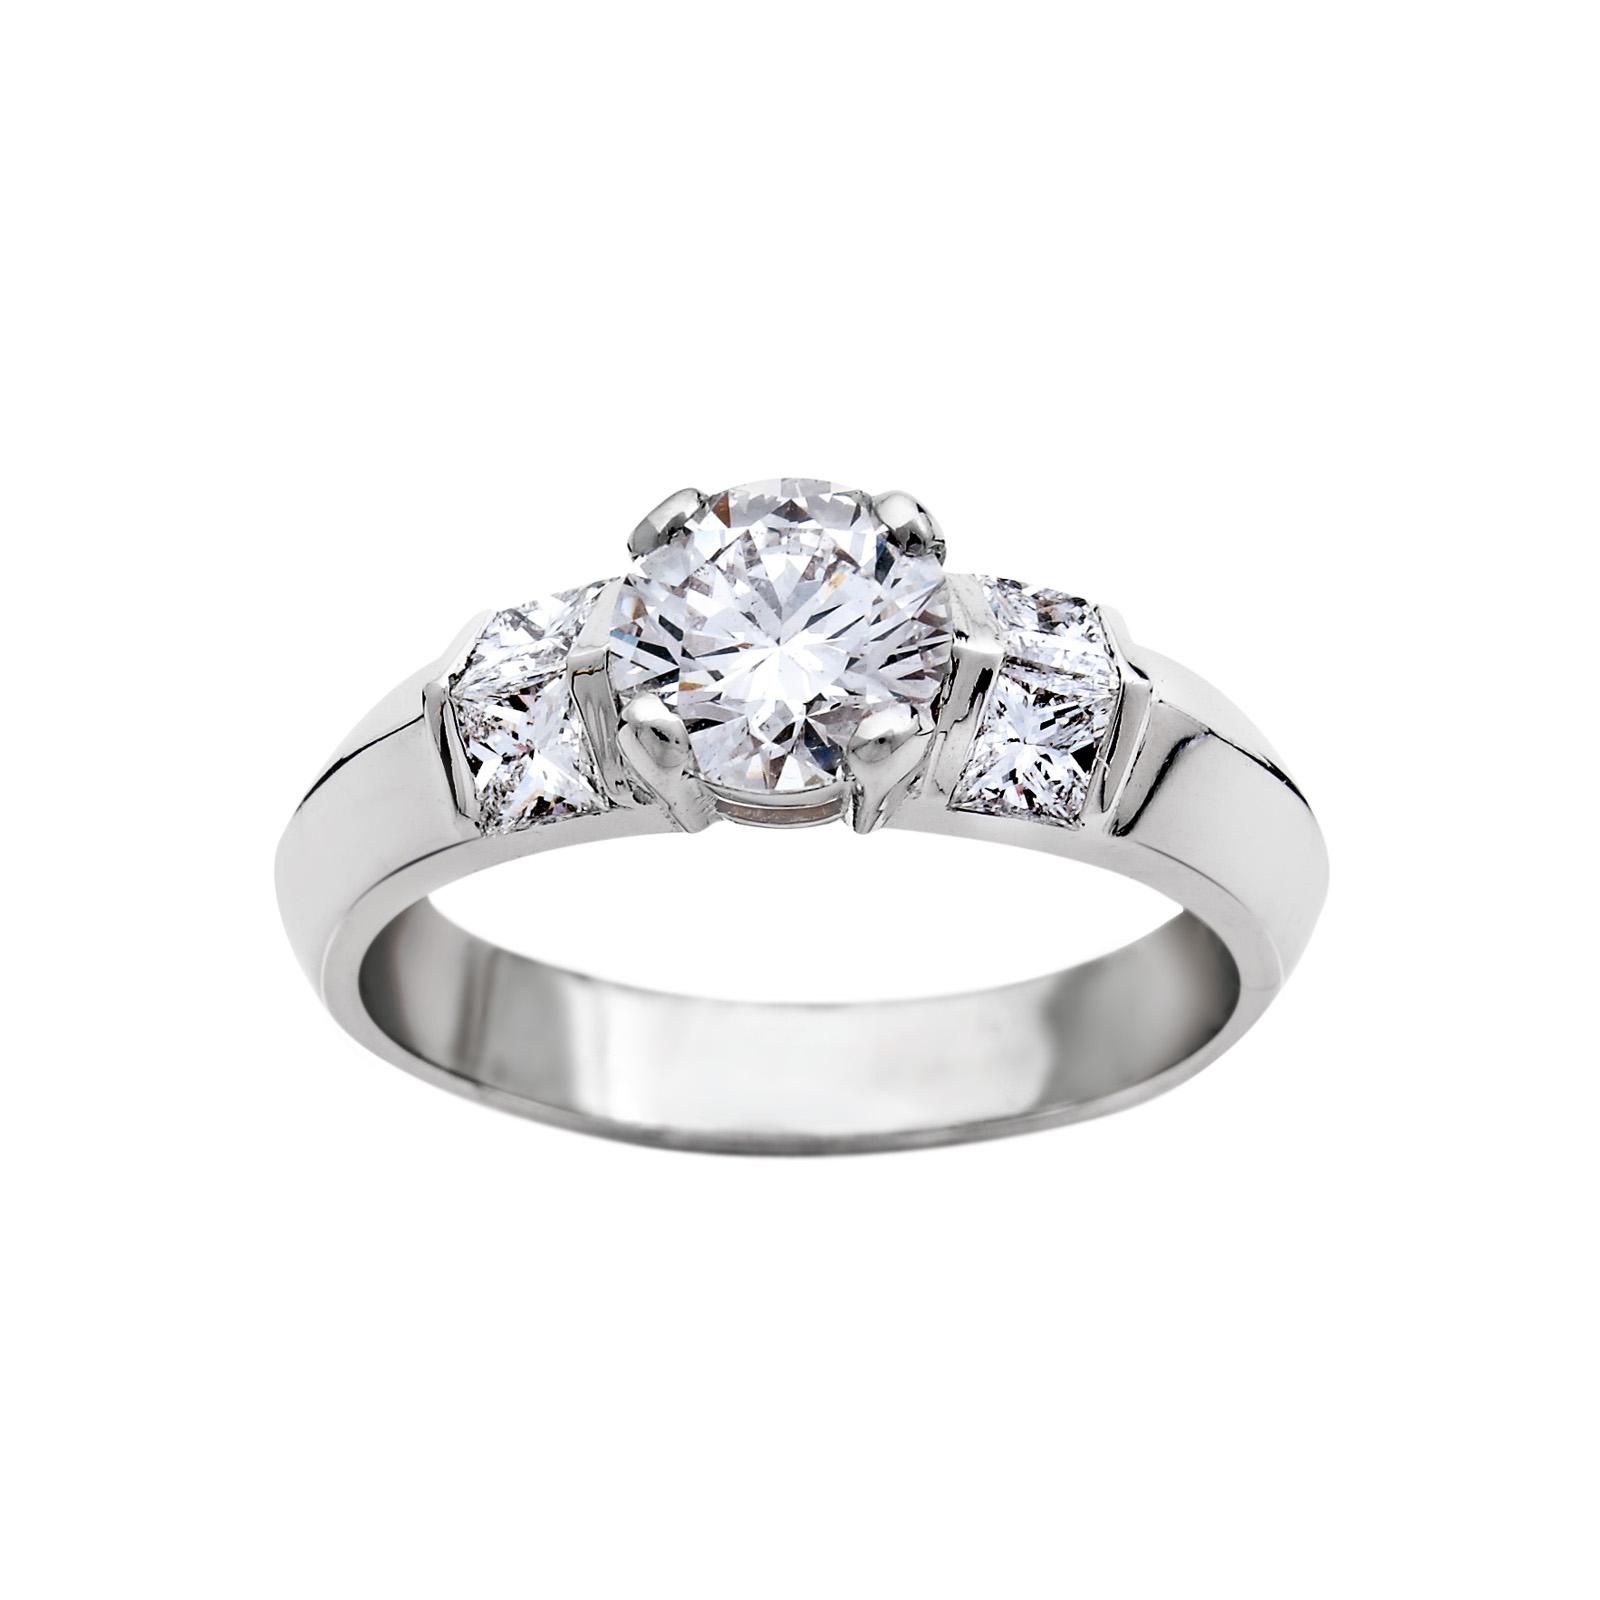 Solitaire Or gris et Diamants Princesse - Pascal IZERN